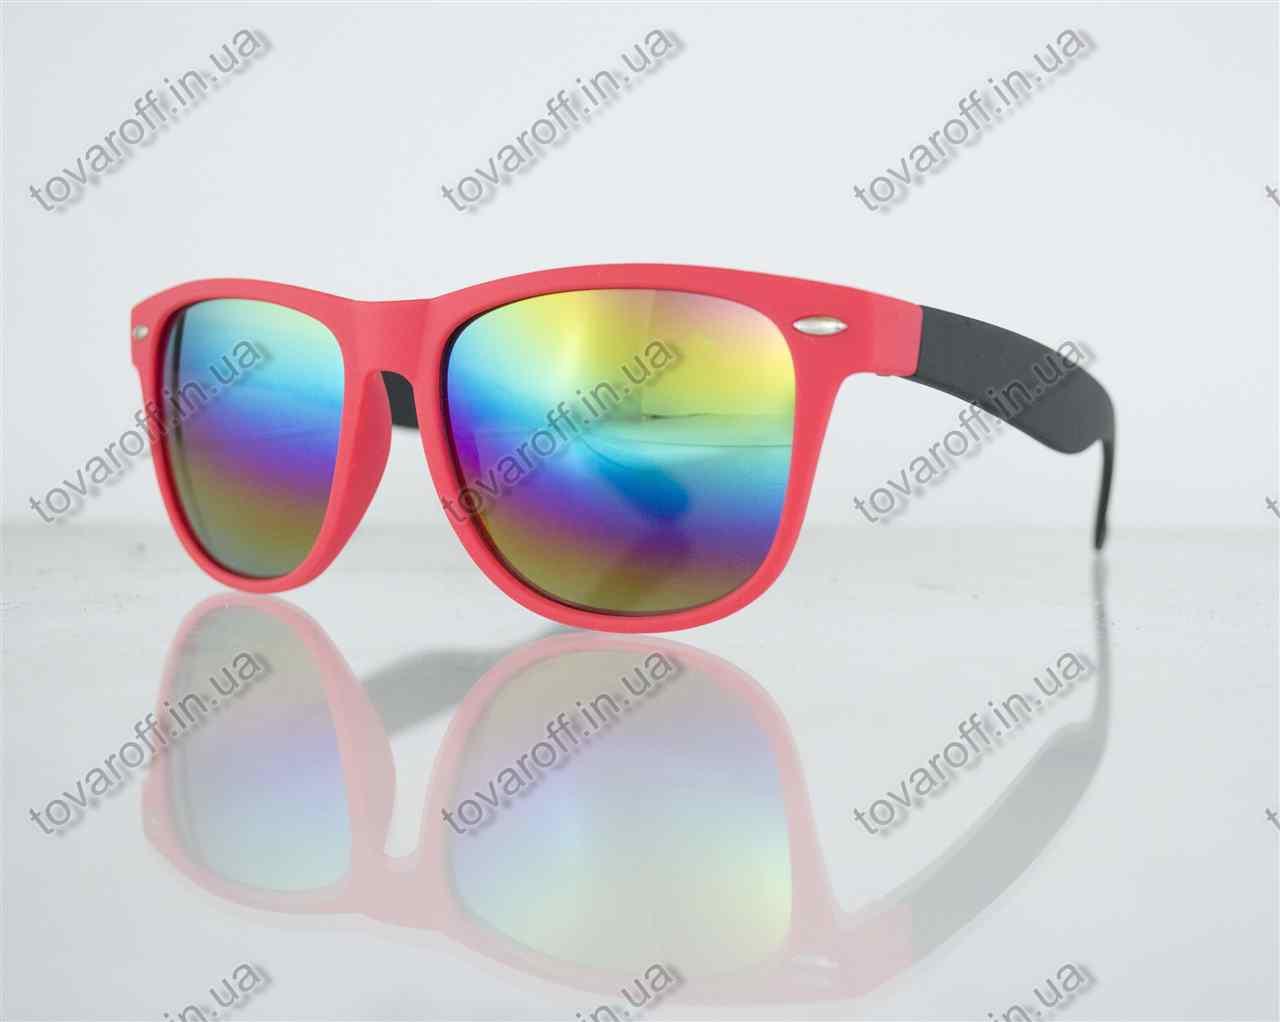 Оптом очки унисекс солнцезащитные Вайфарер (Wayfarer) с зеркальными линзами - Теракотово-черные - 2623